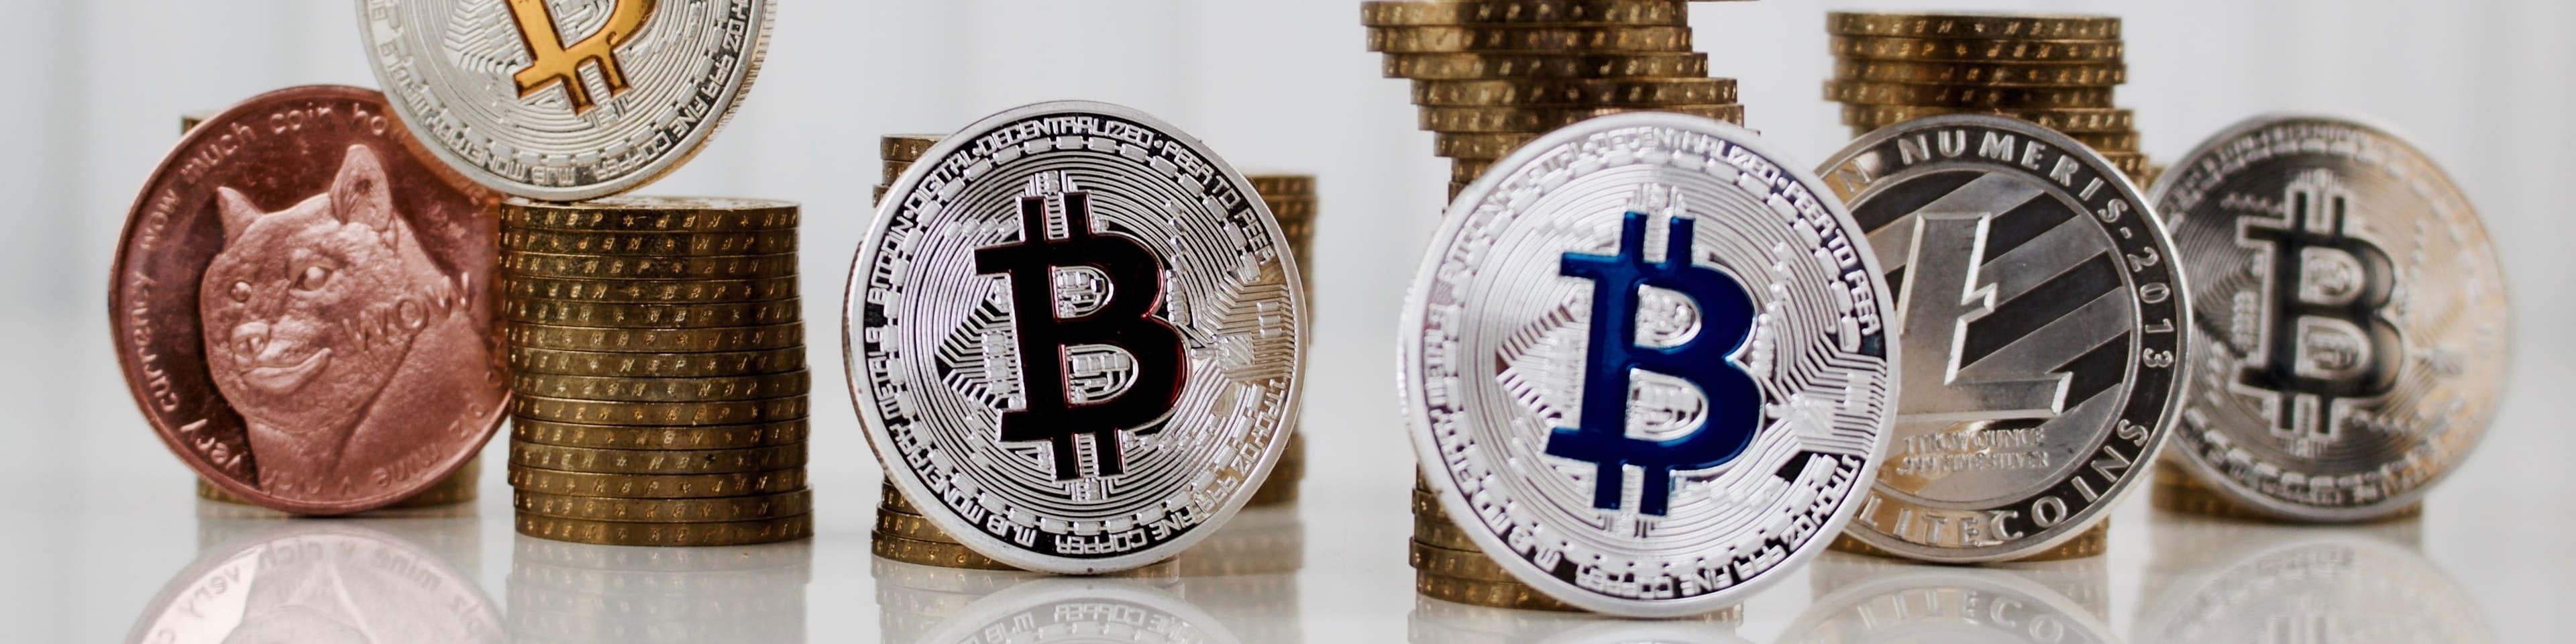 verschillende crypto currencies op een rij